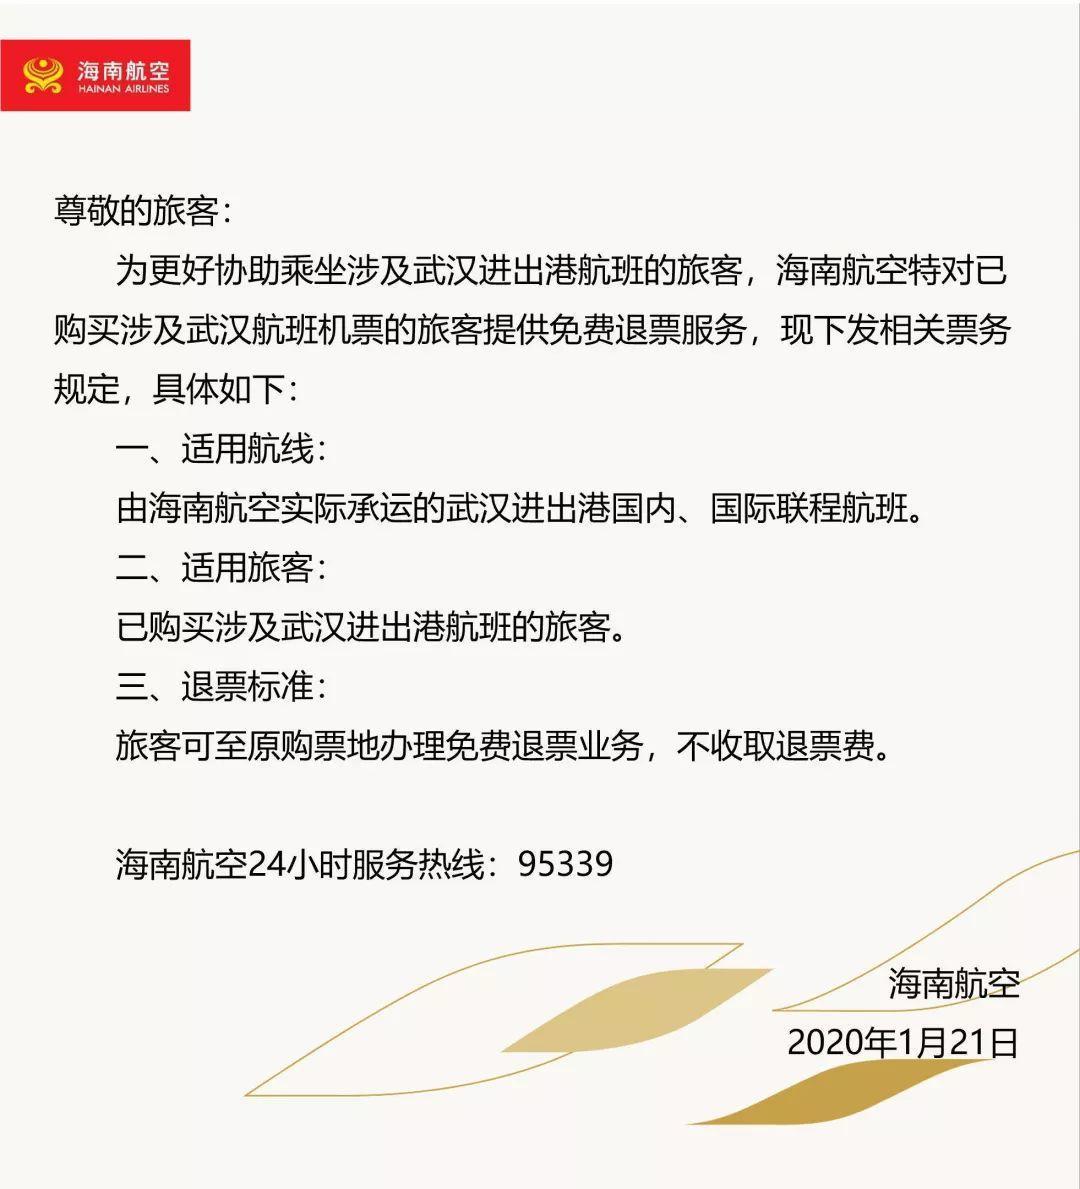 民航局:涉及武汉航班机票可免费办理退票 海航已响应